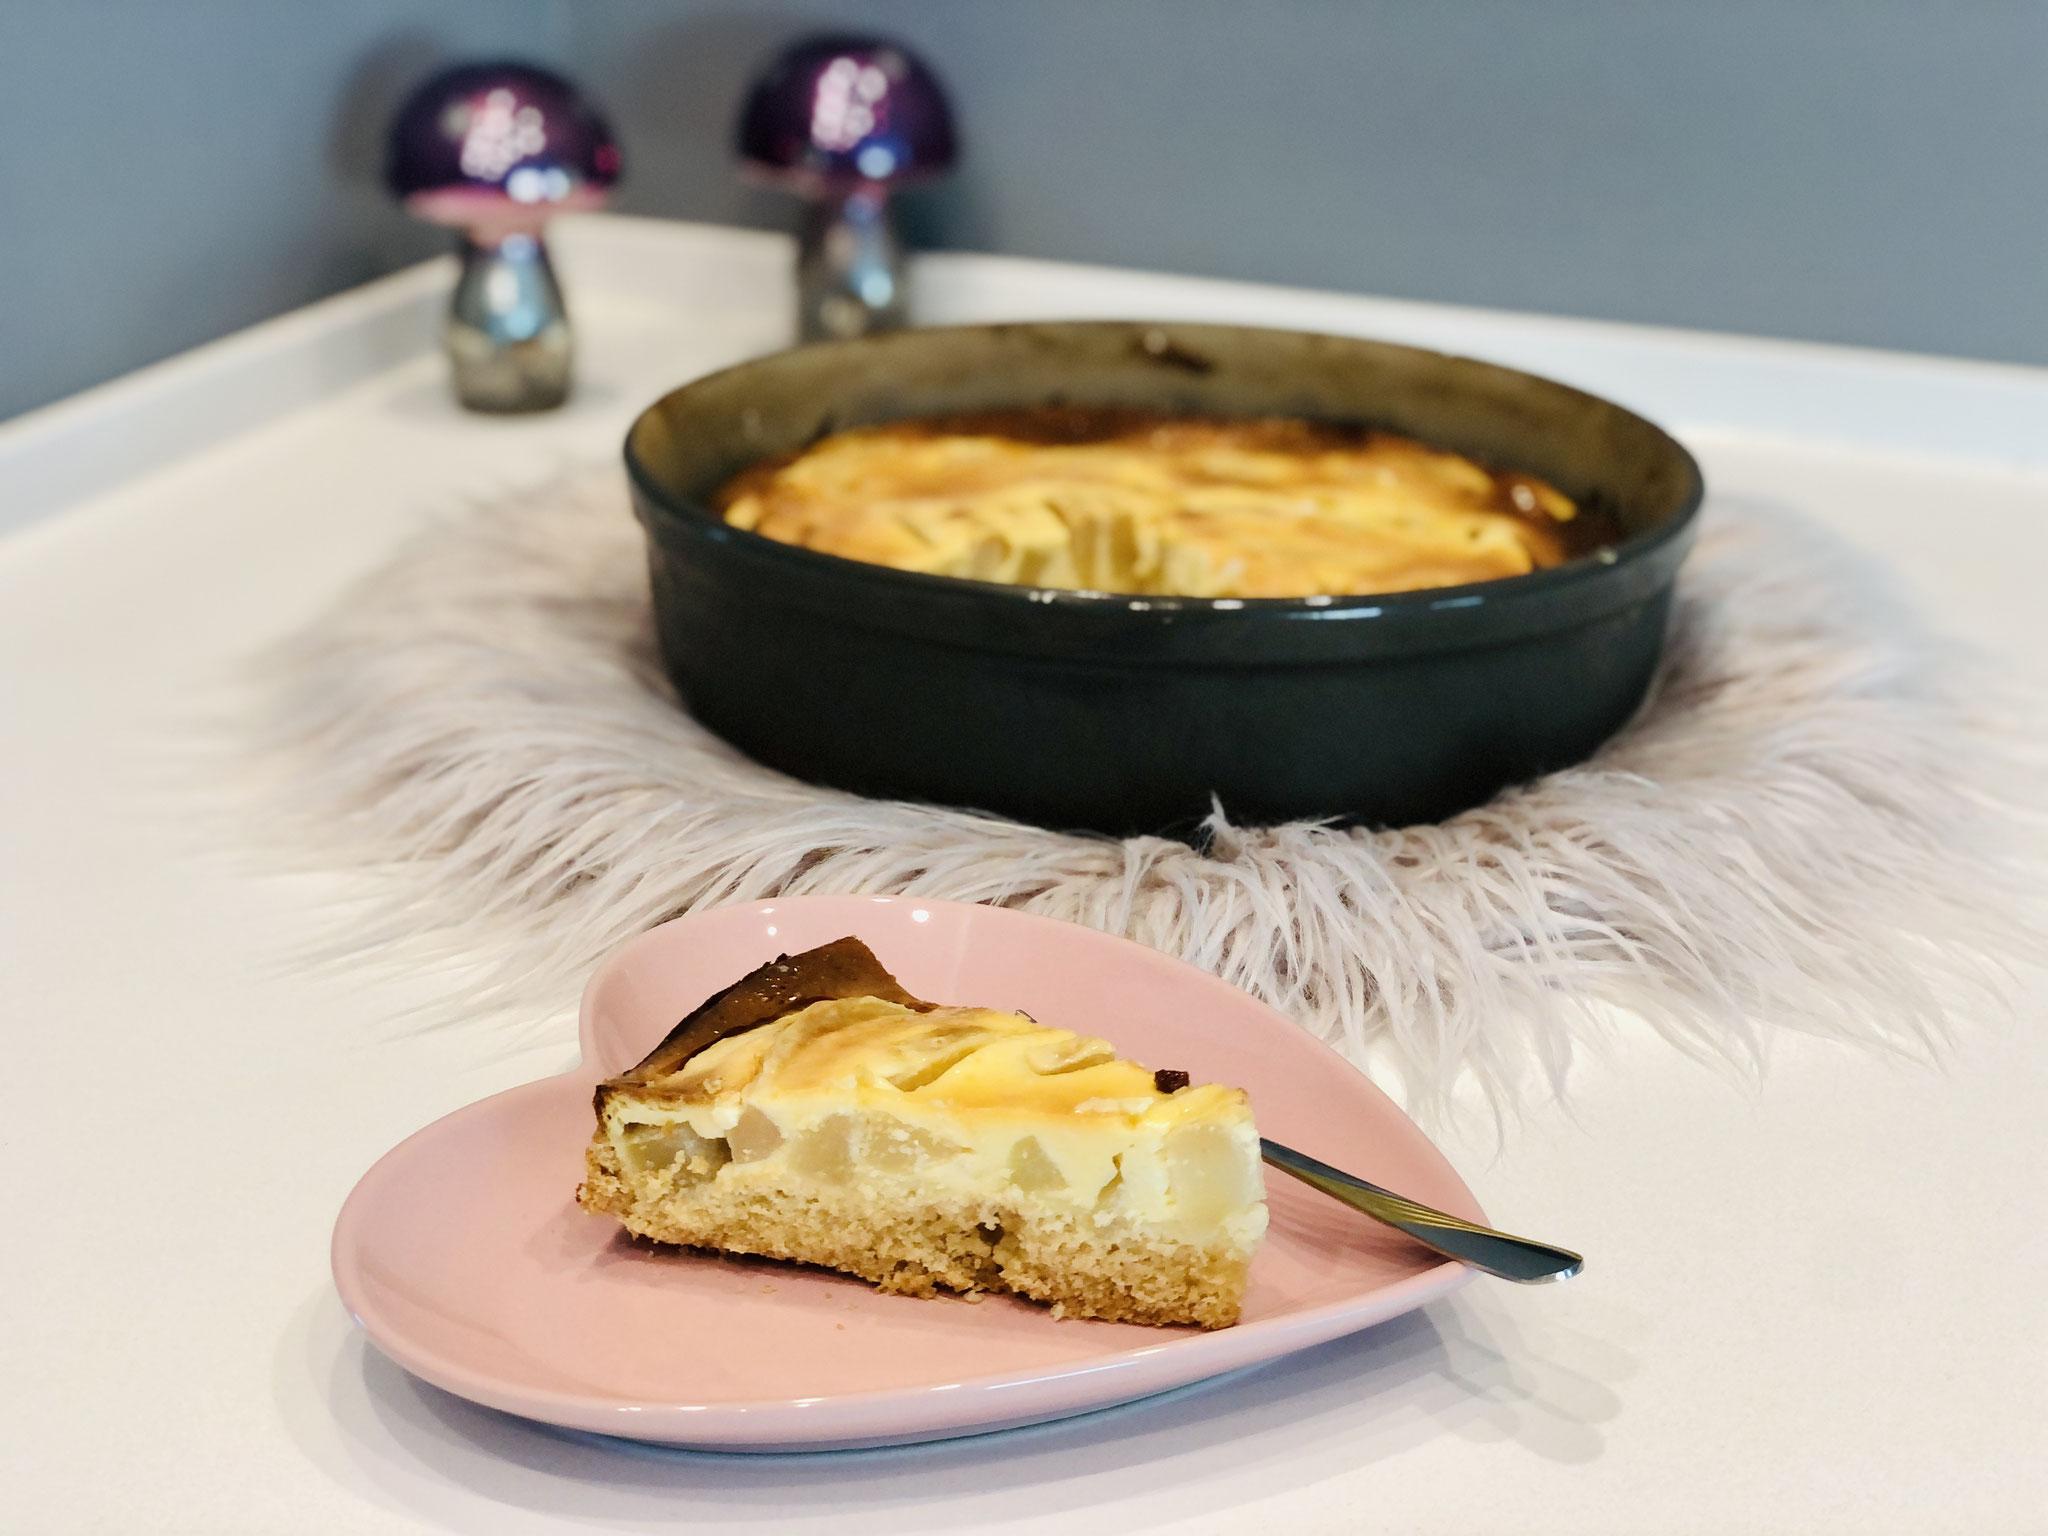 Mit dem kleinen Servierheber von Pampered Chef kannst du sehr gut die einzelnen Stücke aus der Kuchenform entnehmen. Viel Spaß beim Nachbacken ♥